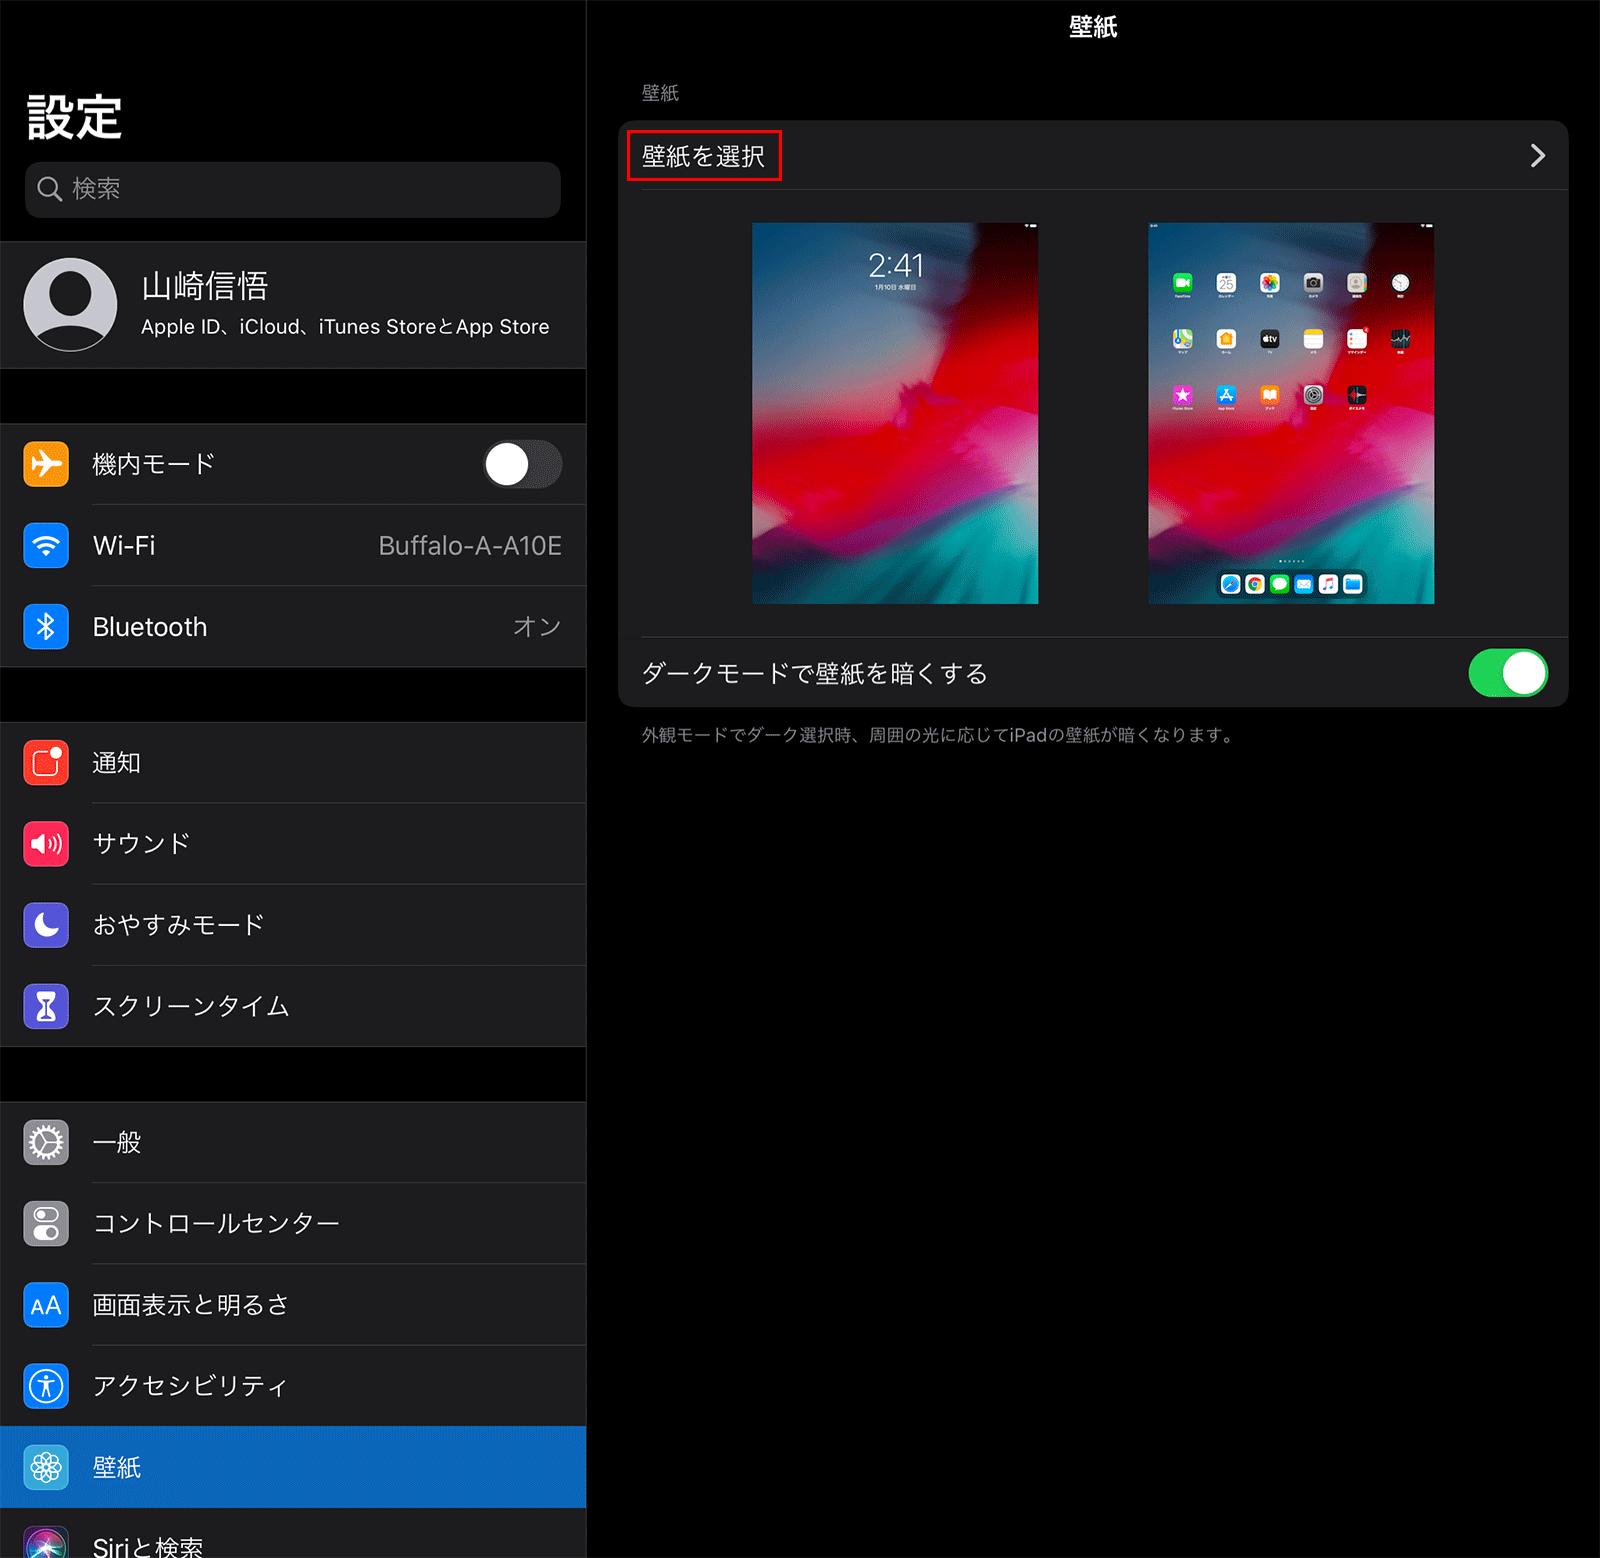 Iphone Ipadをダークモードにして壁紙も変更する Pcまなぶ